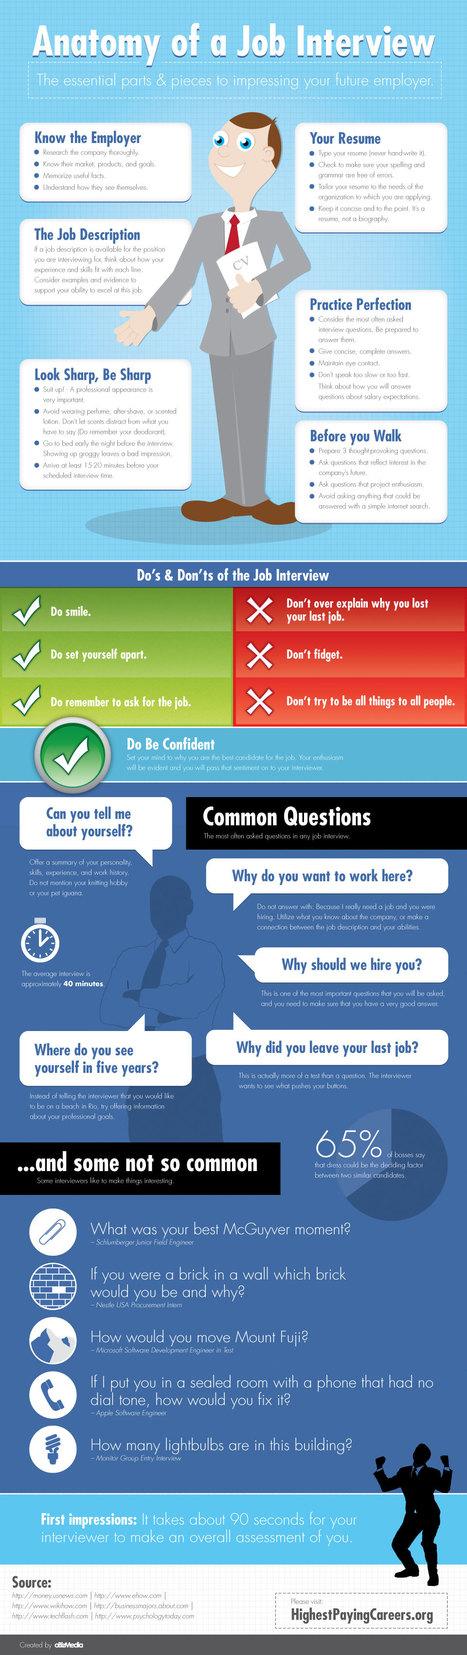 Anatomía de una entrevista de trabajo. Job interviews #infographic | English lessons material | Scoop.it